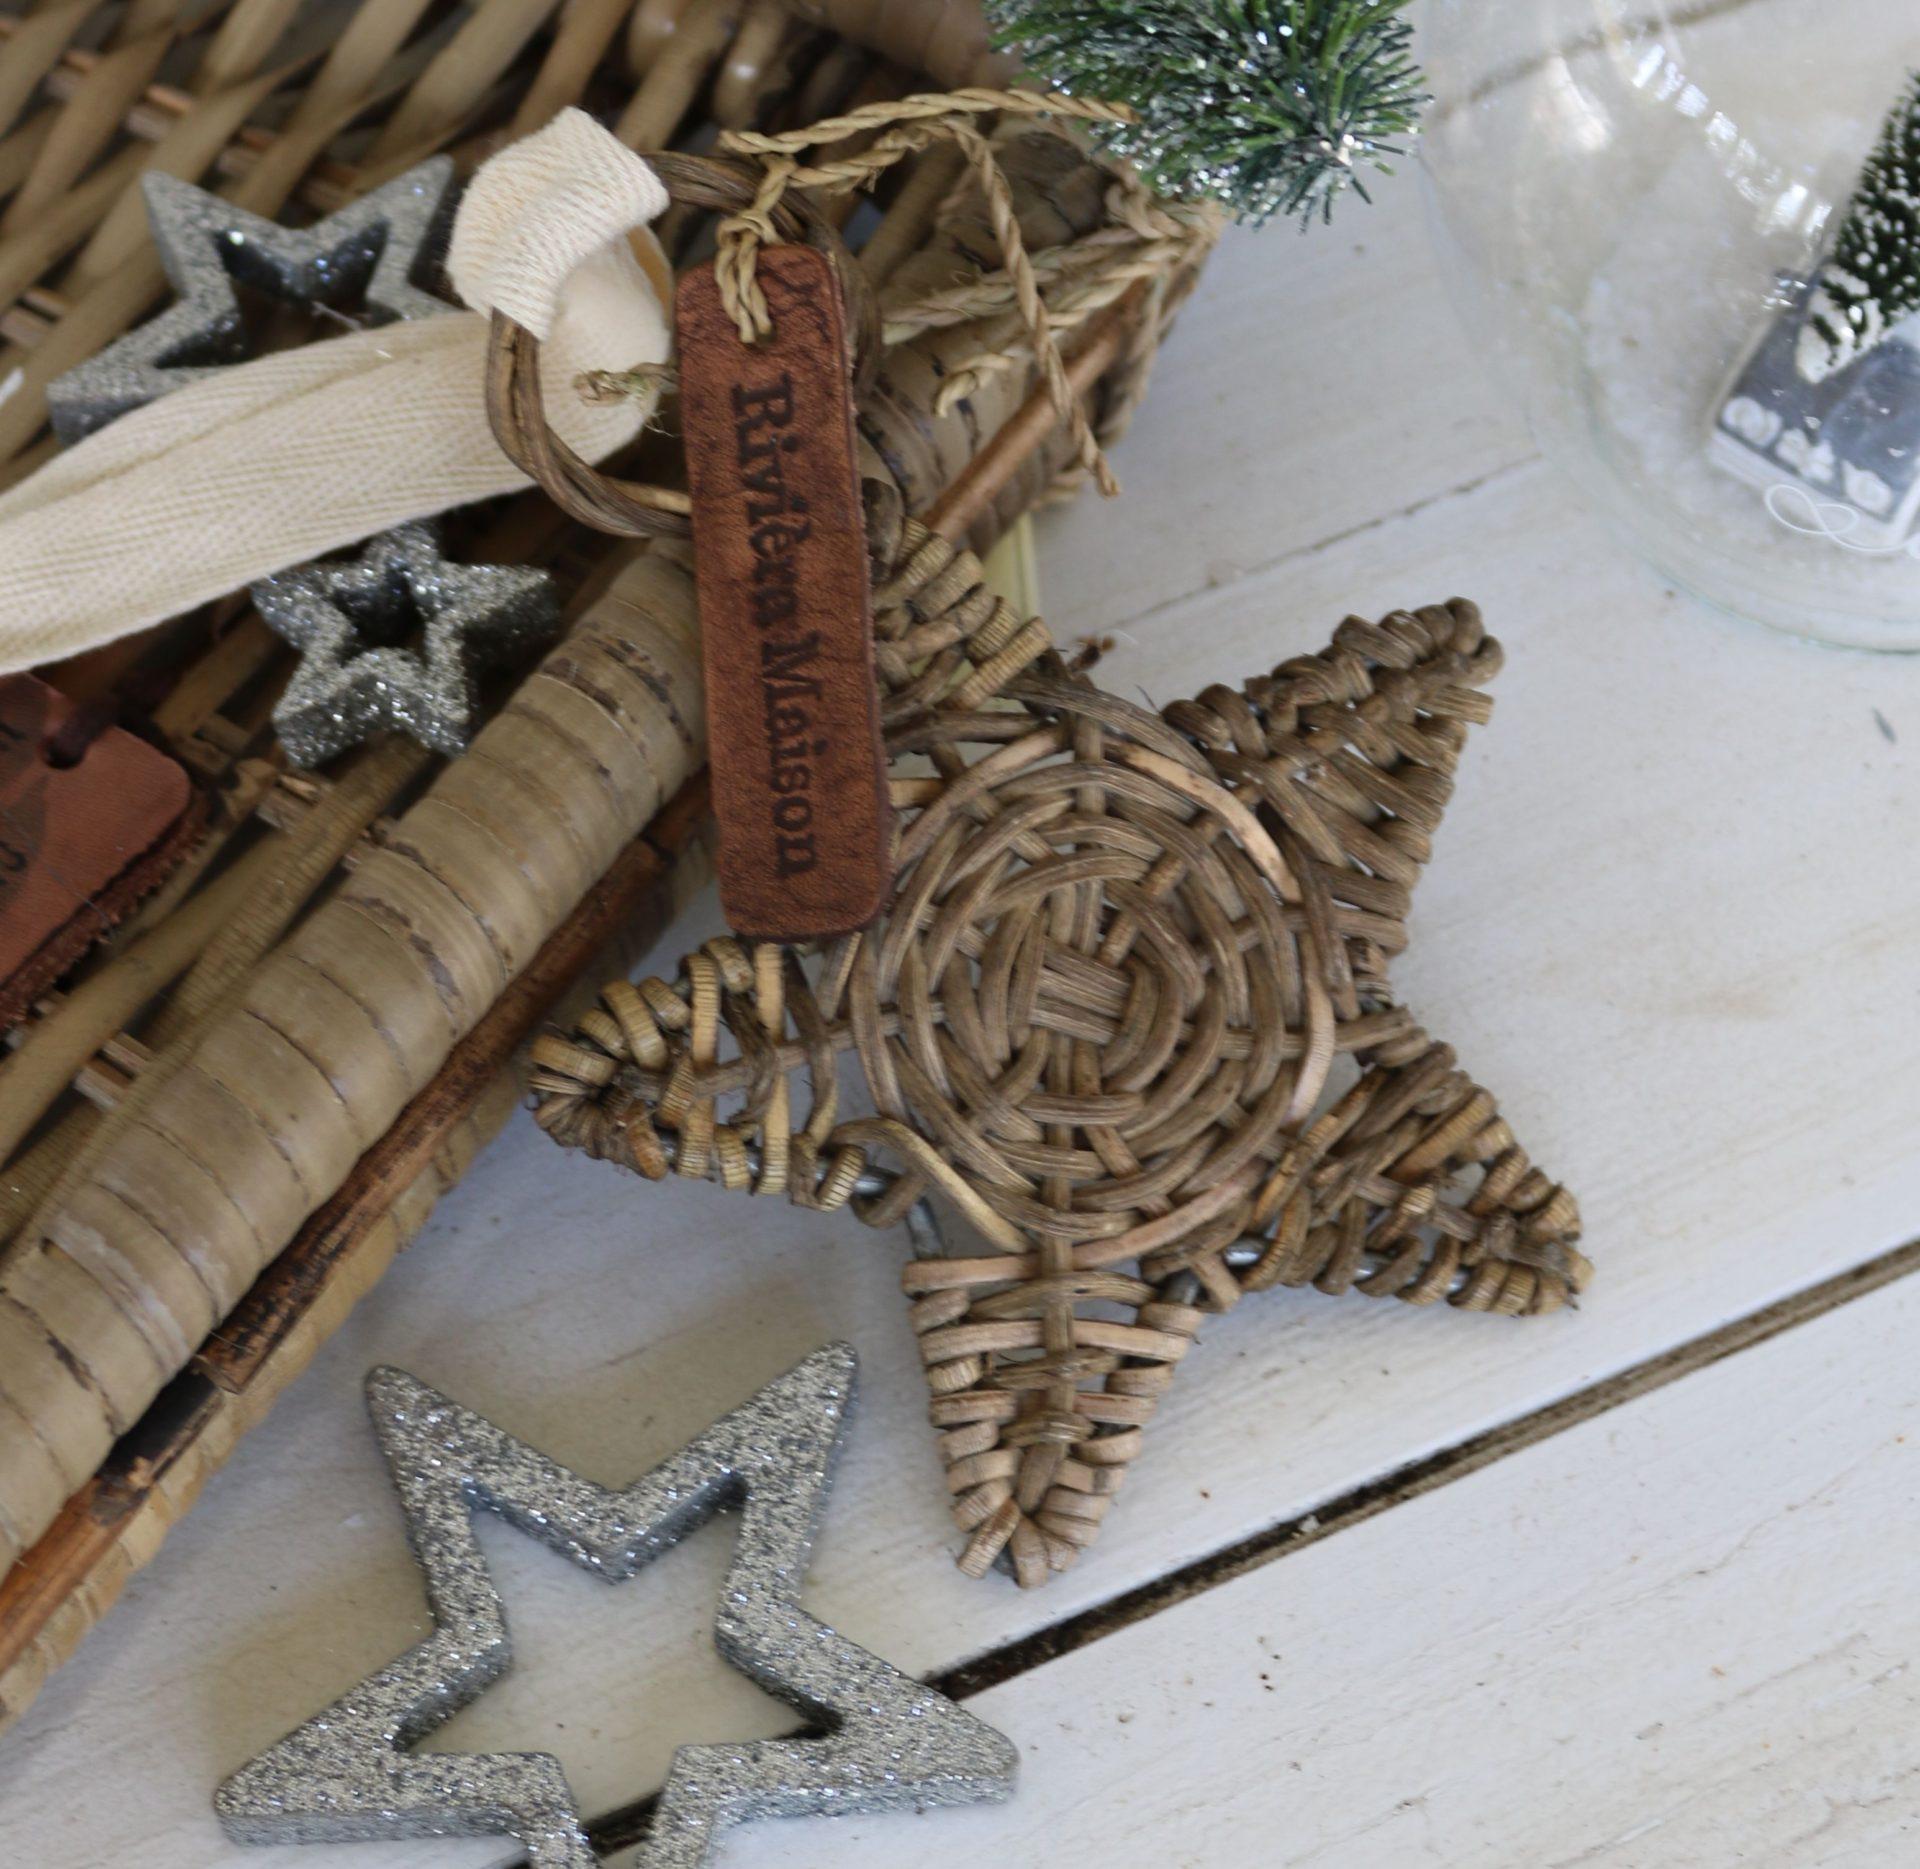 Stjerne – RR Christmas Hanger Star